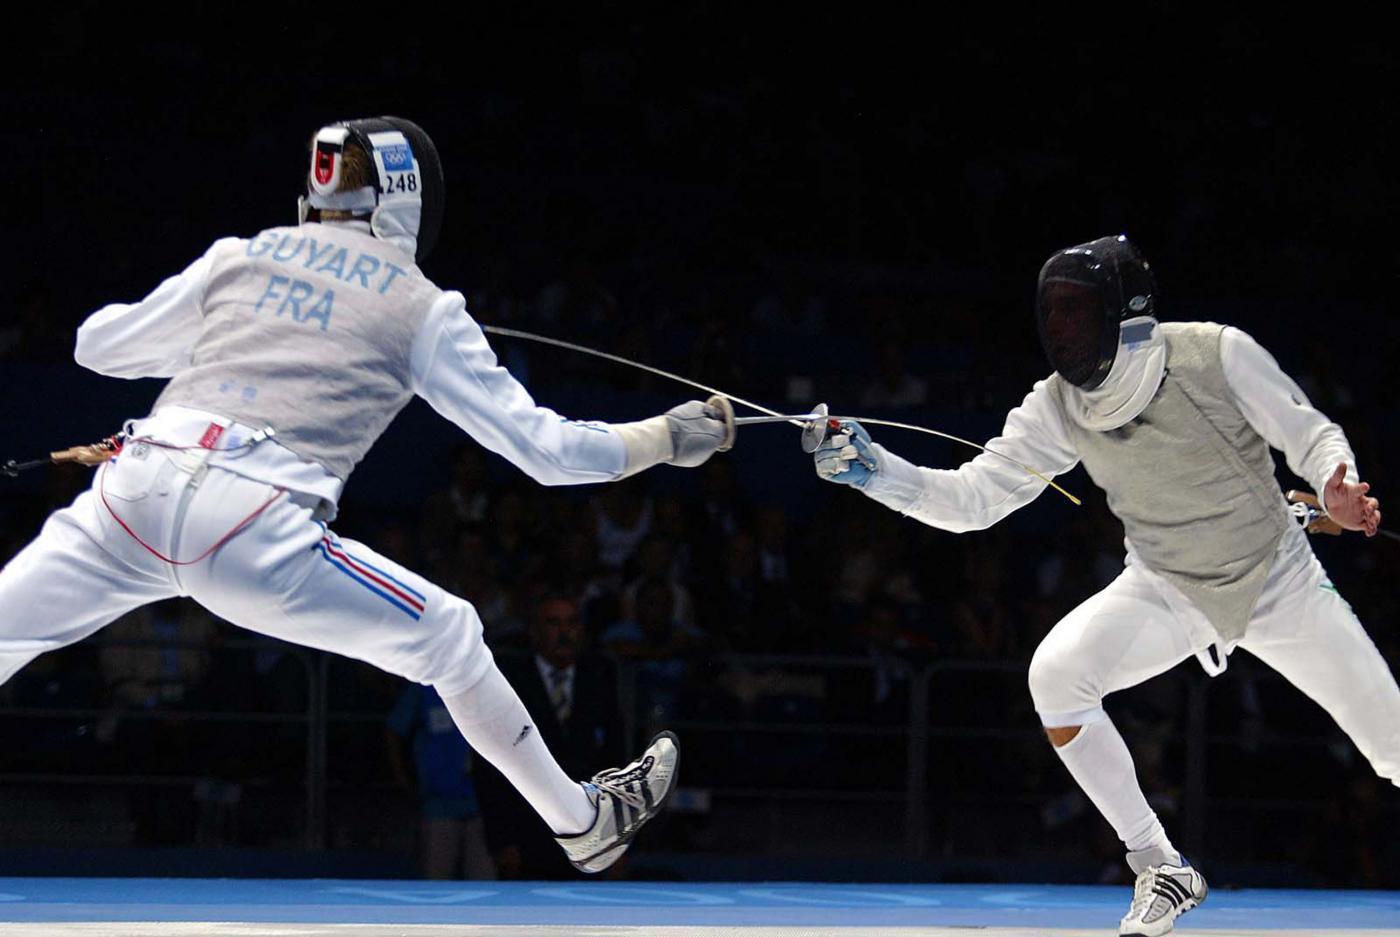 Olimpiadi 2016: argento nella spada a squadre maschile